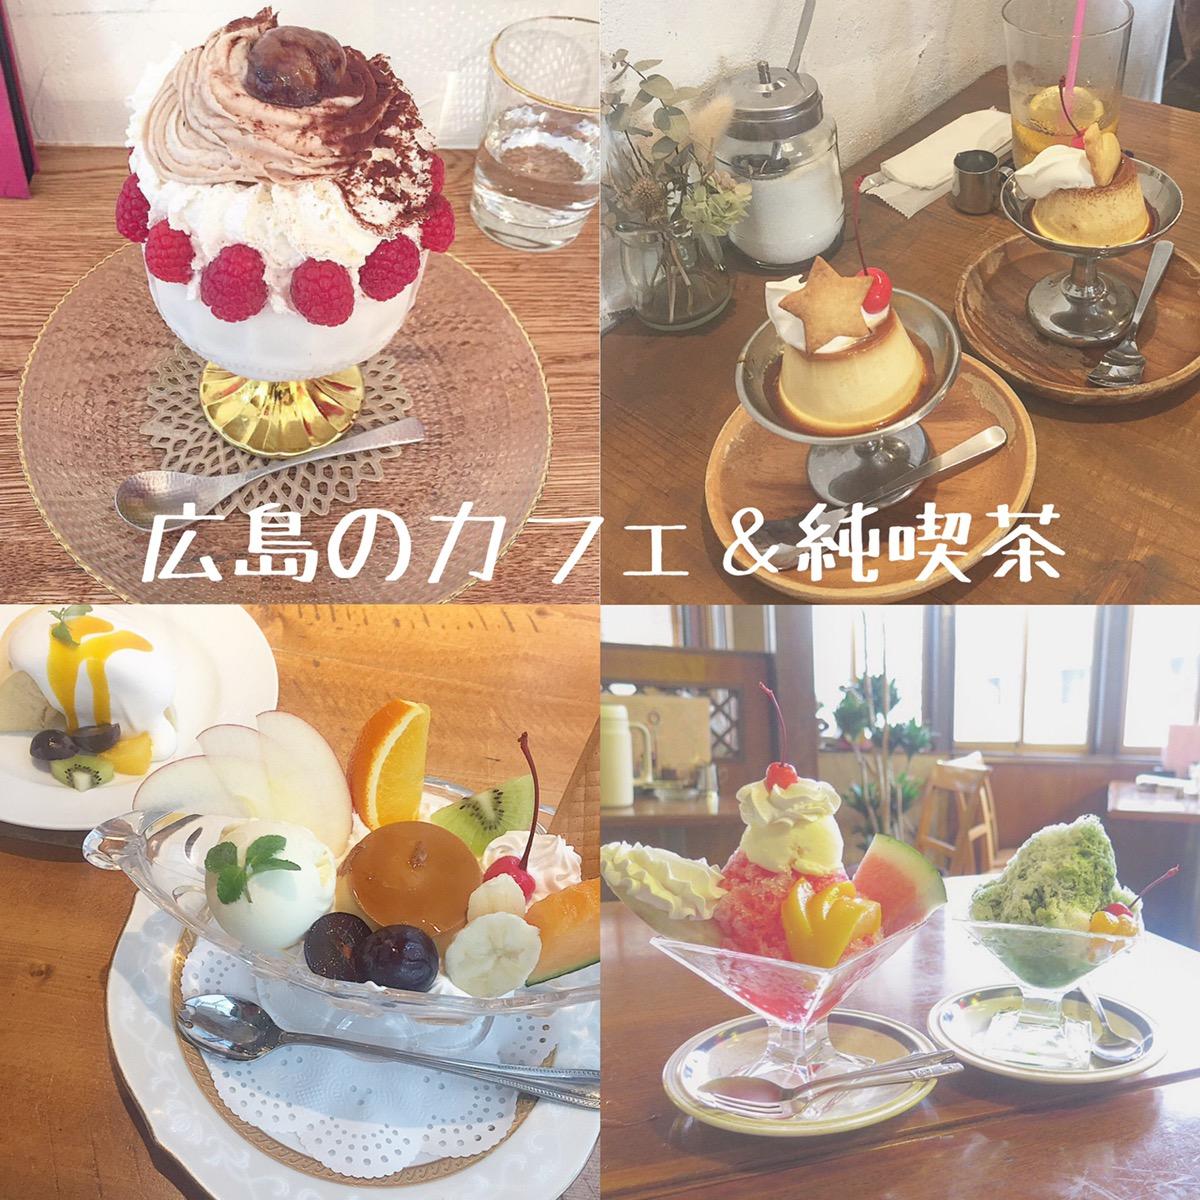 広島のカフェ&純喫茶